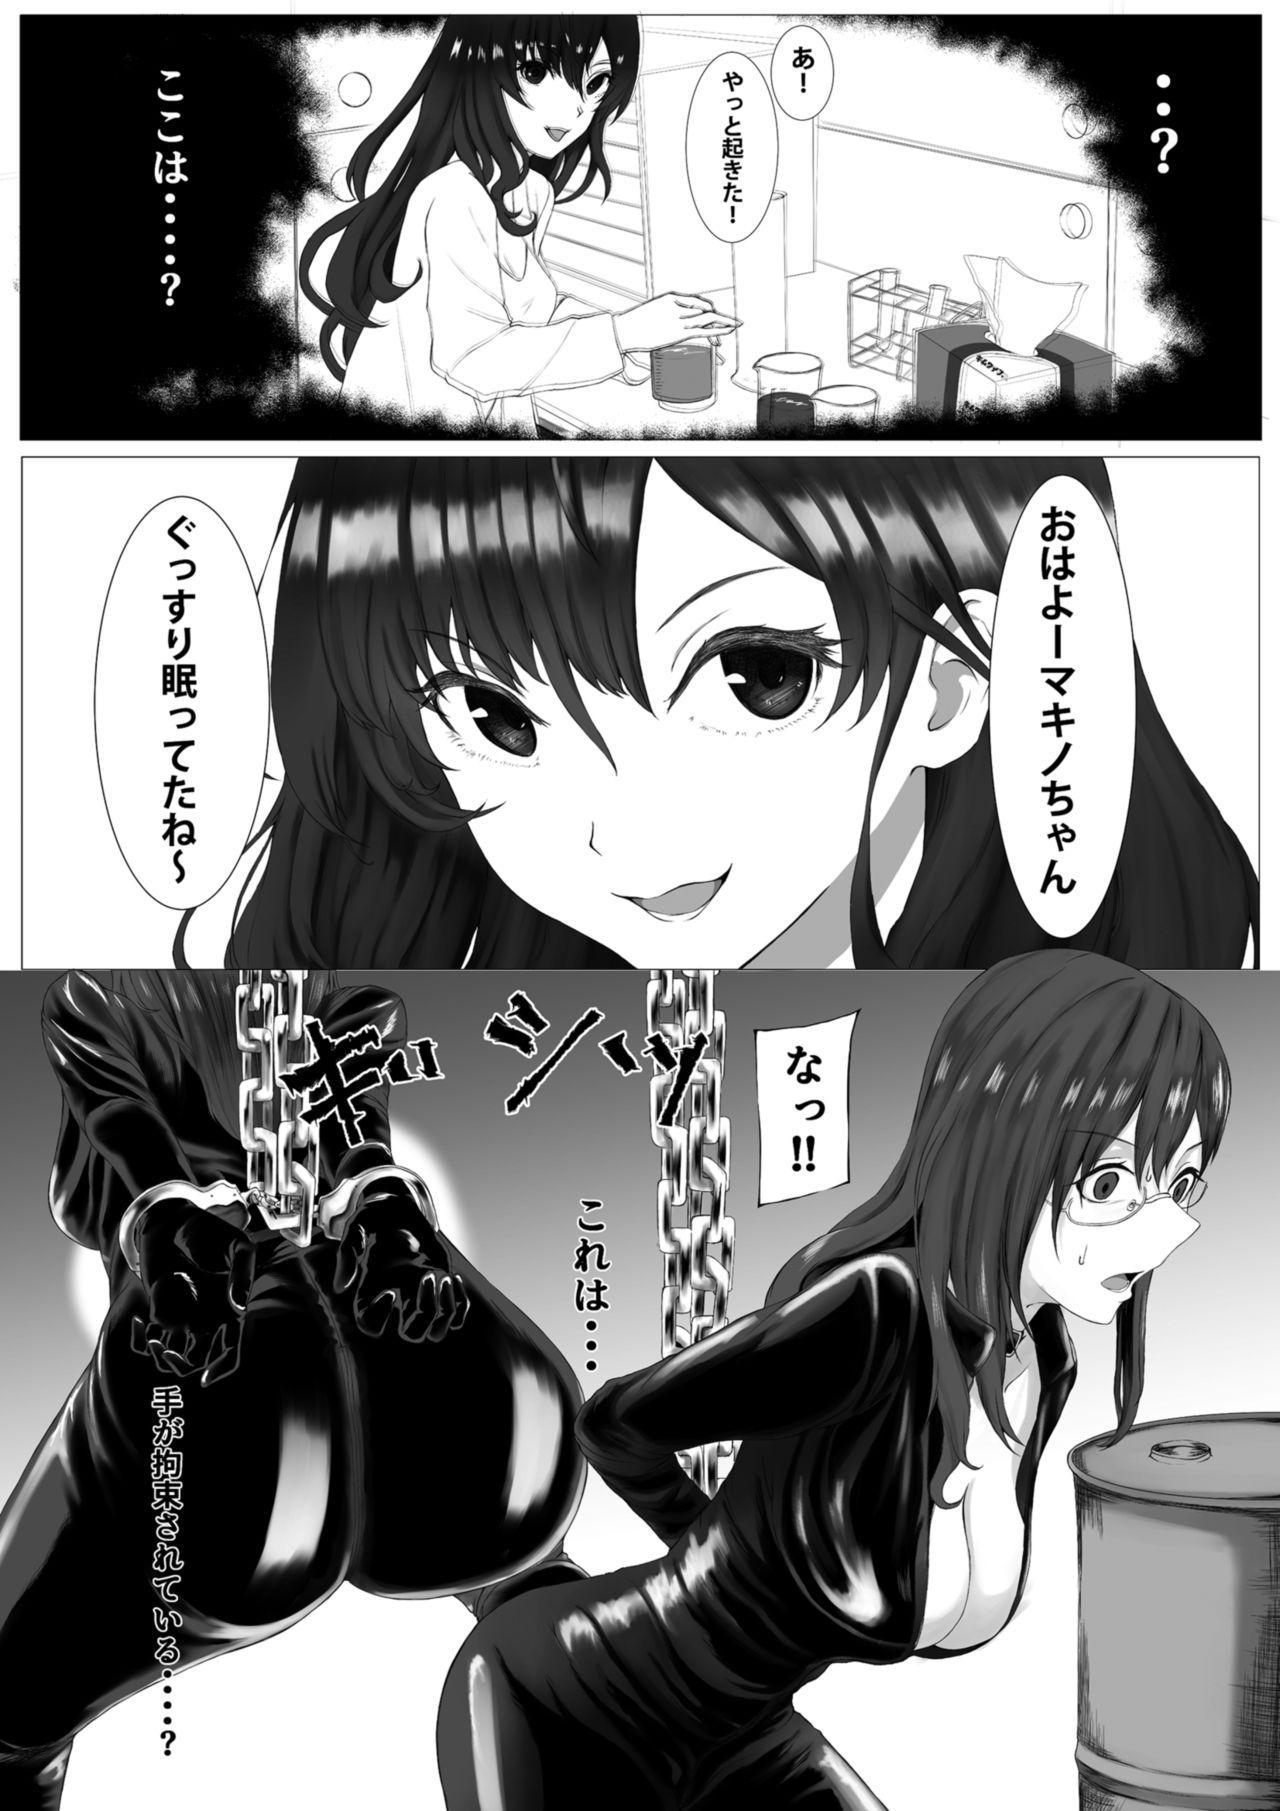 Shiki no Labo ni Shinobikonda Makino ga Hidoi Koto Sareru Hon 4